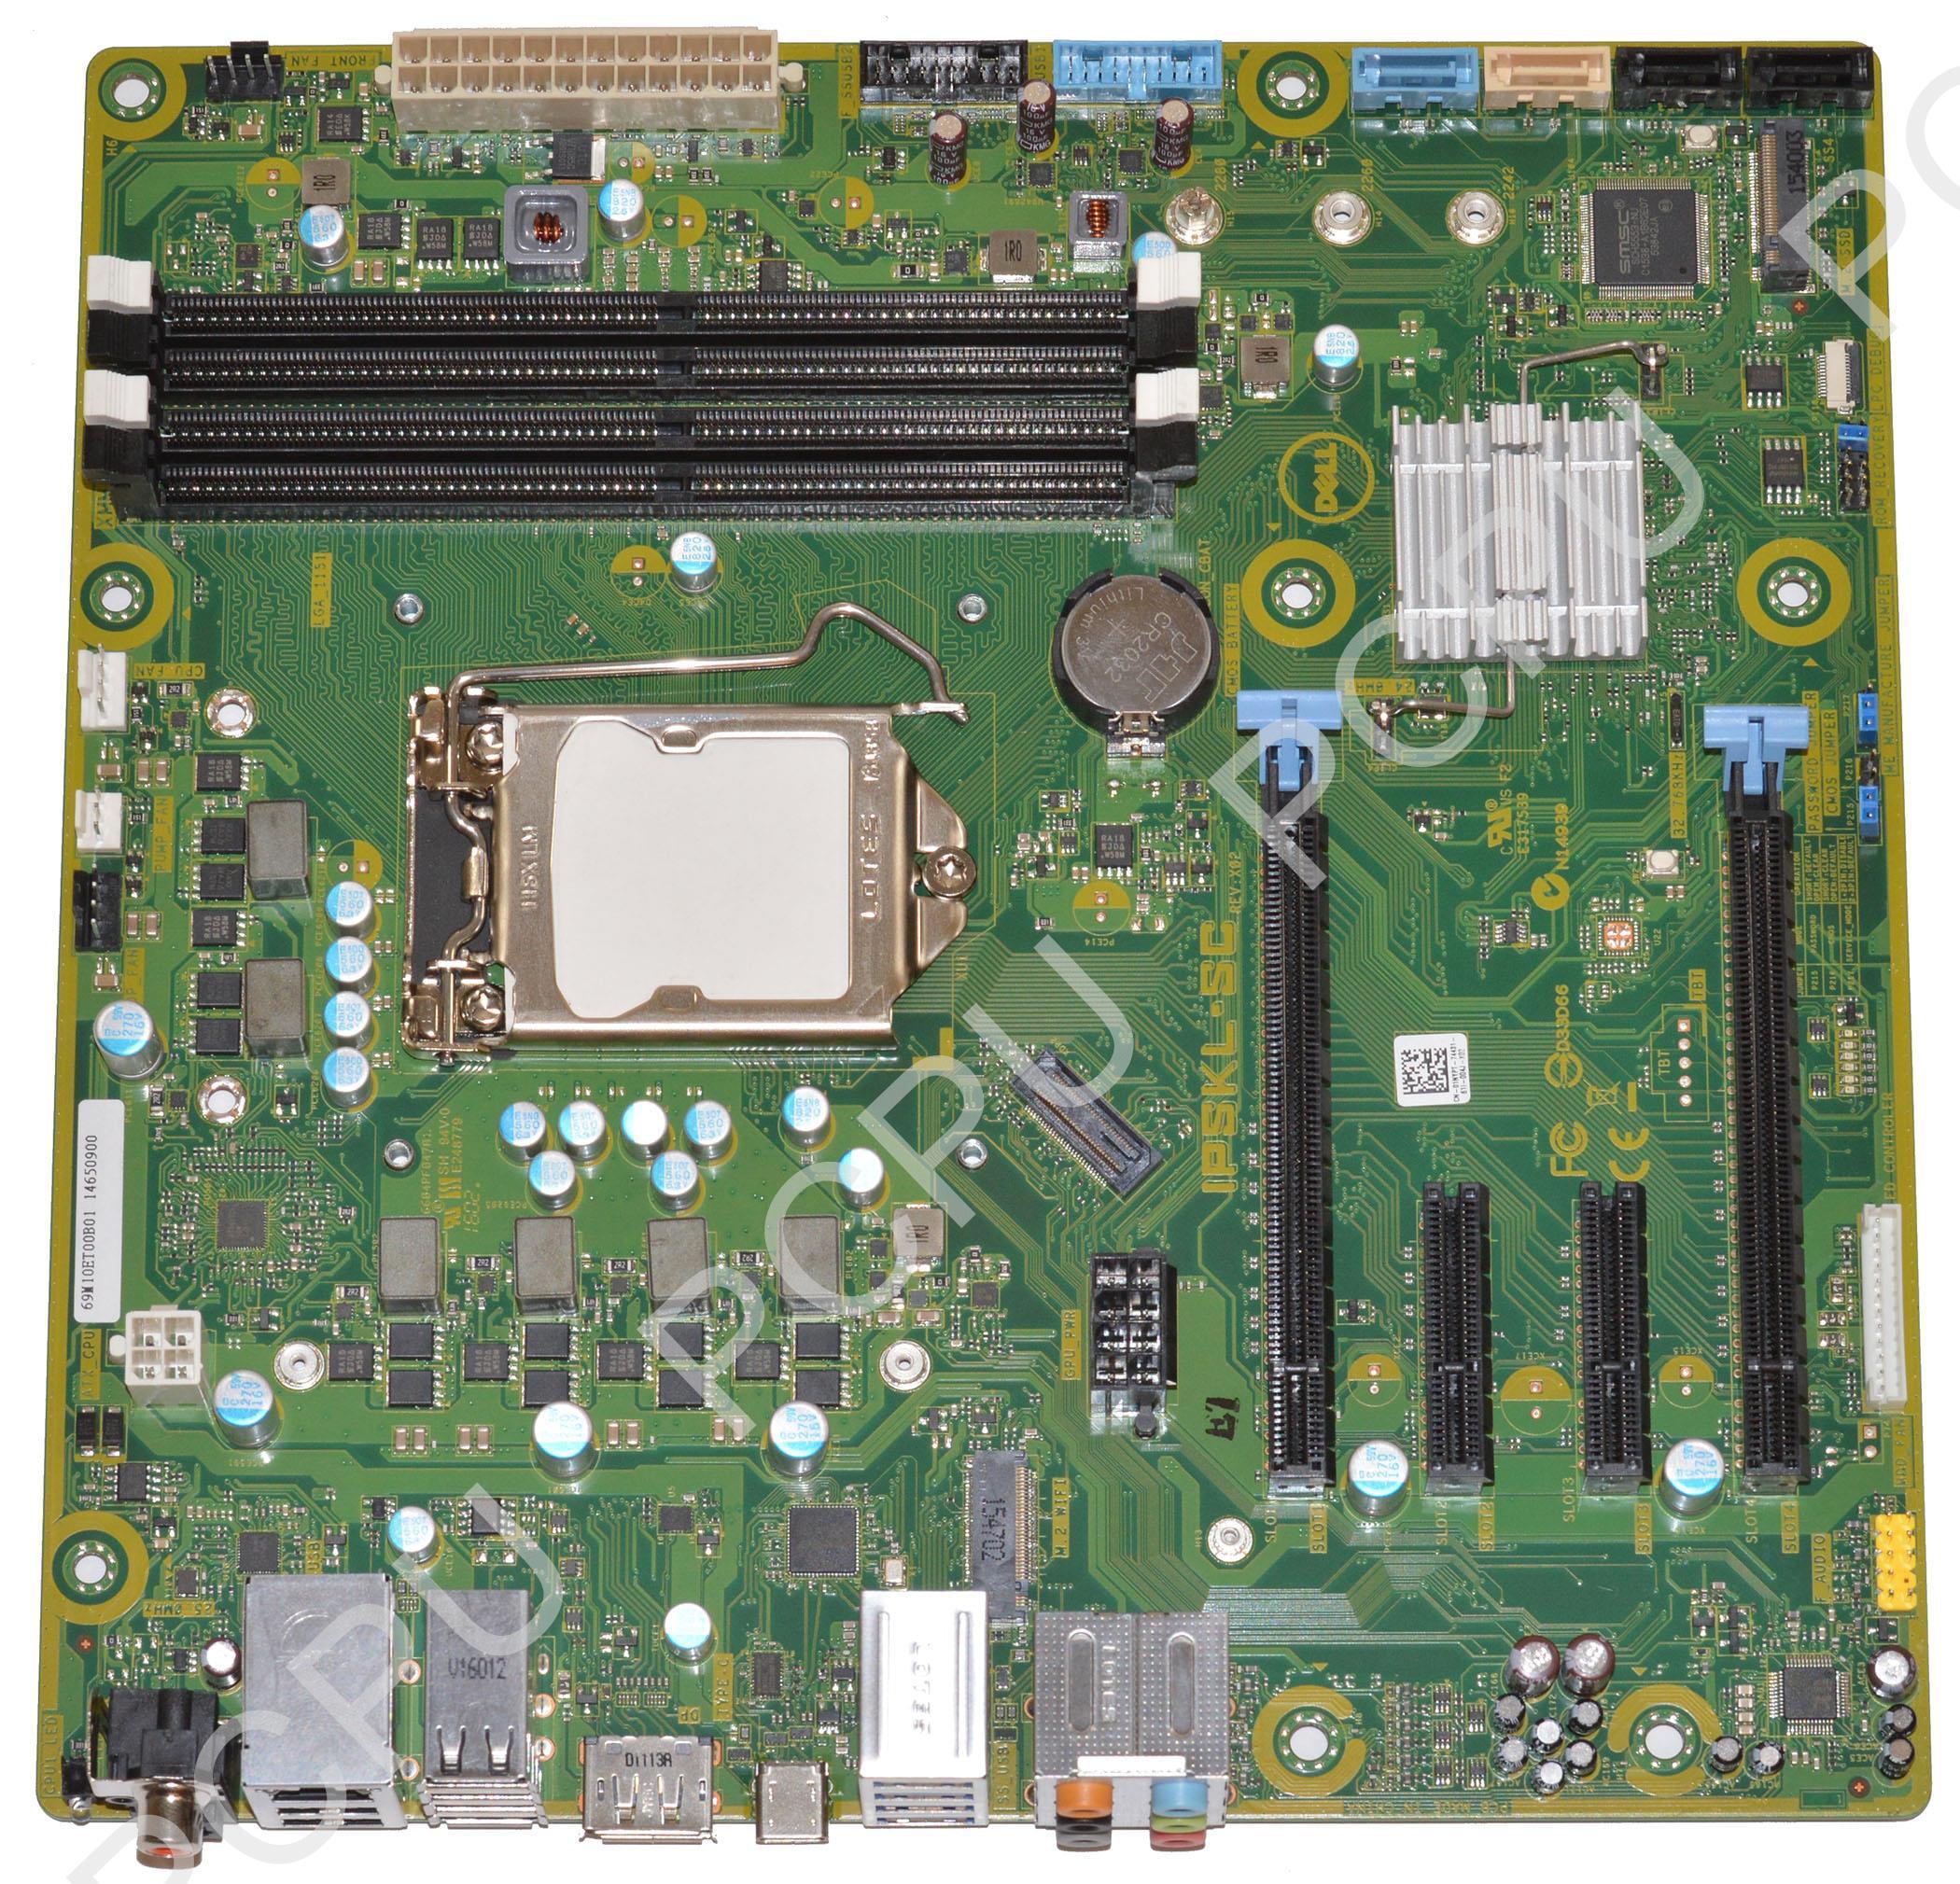 1NYPT Dell Alienware Aurora R5 Intel Desktop Motherboard s1151